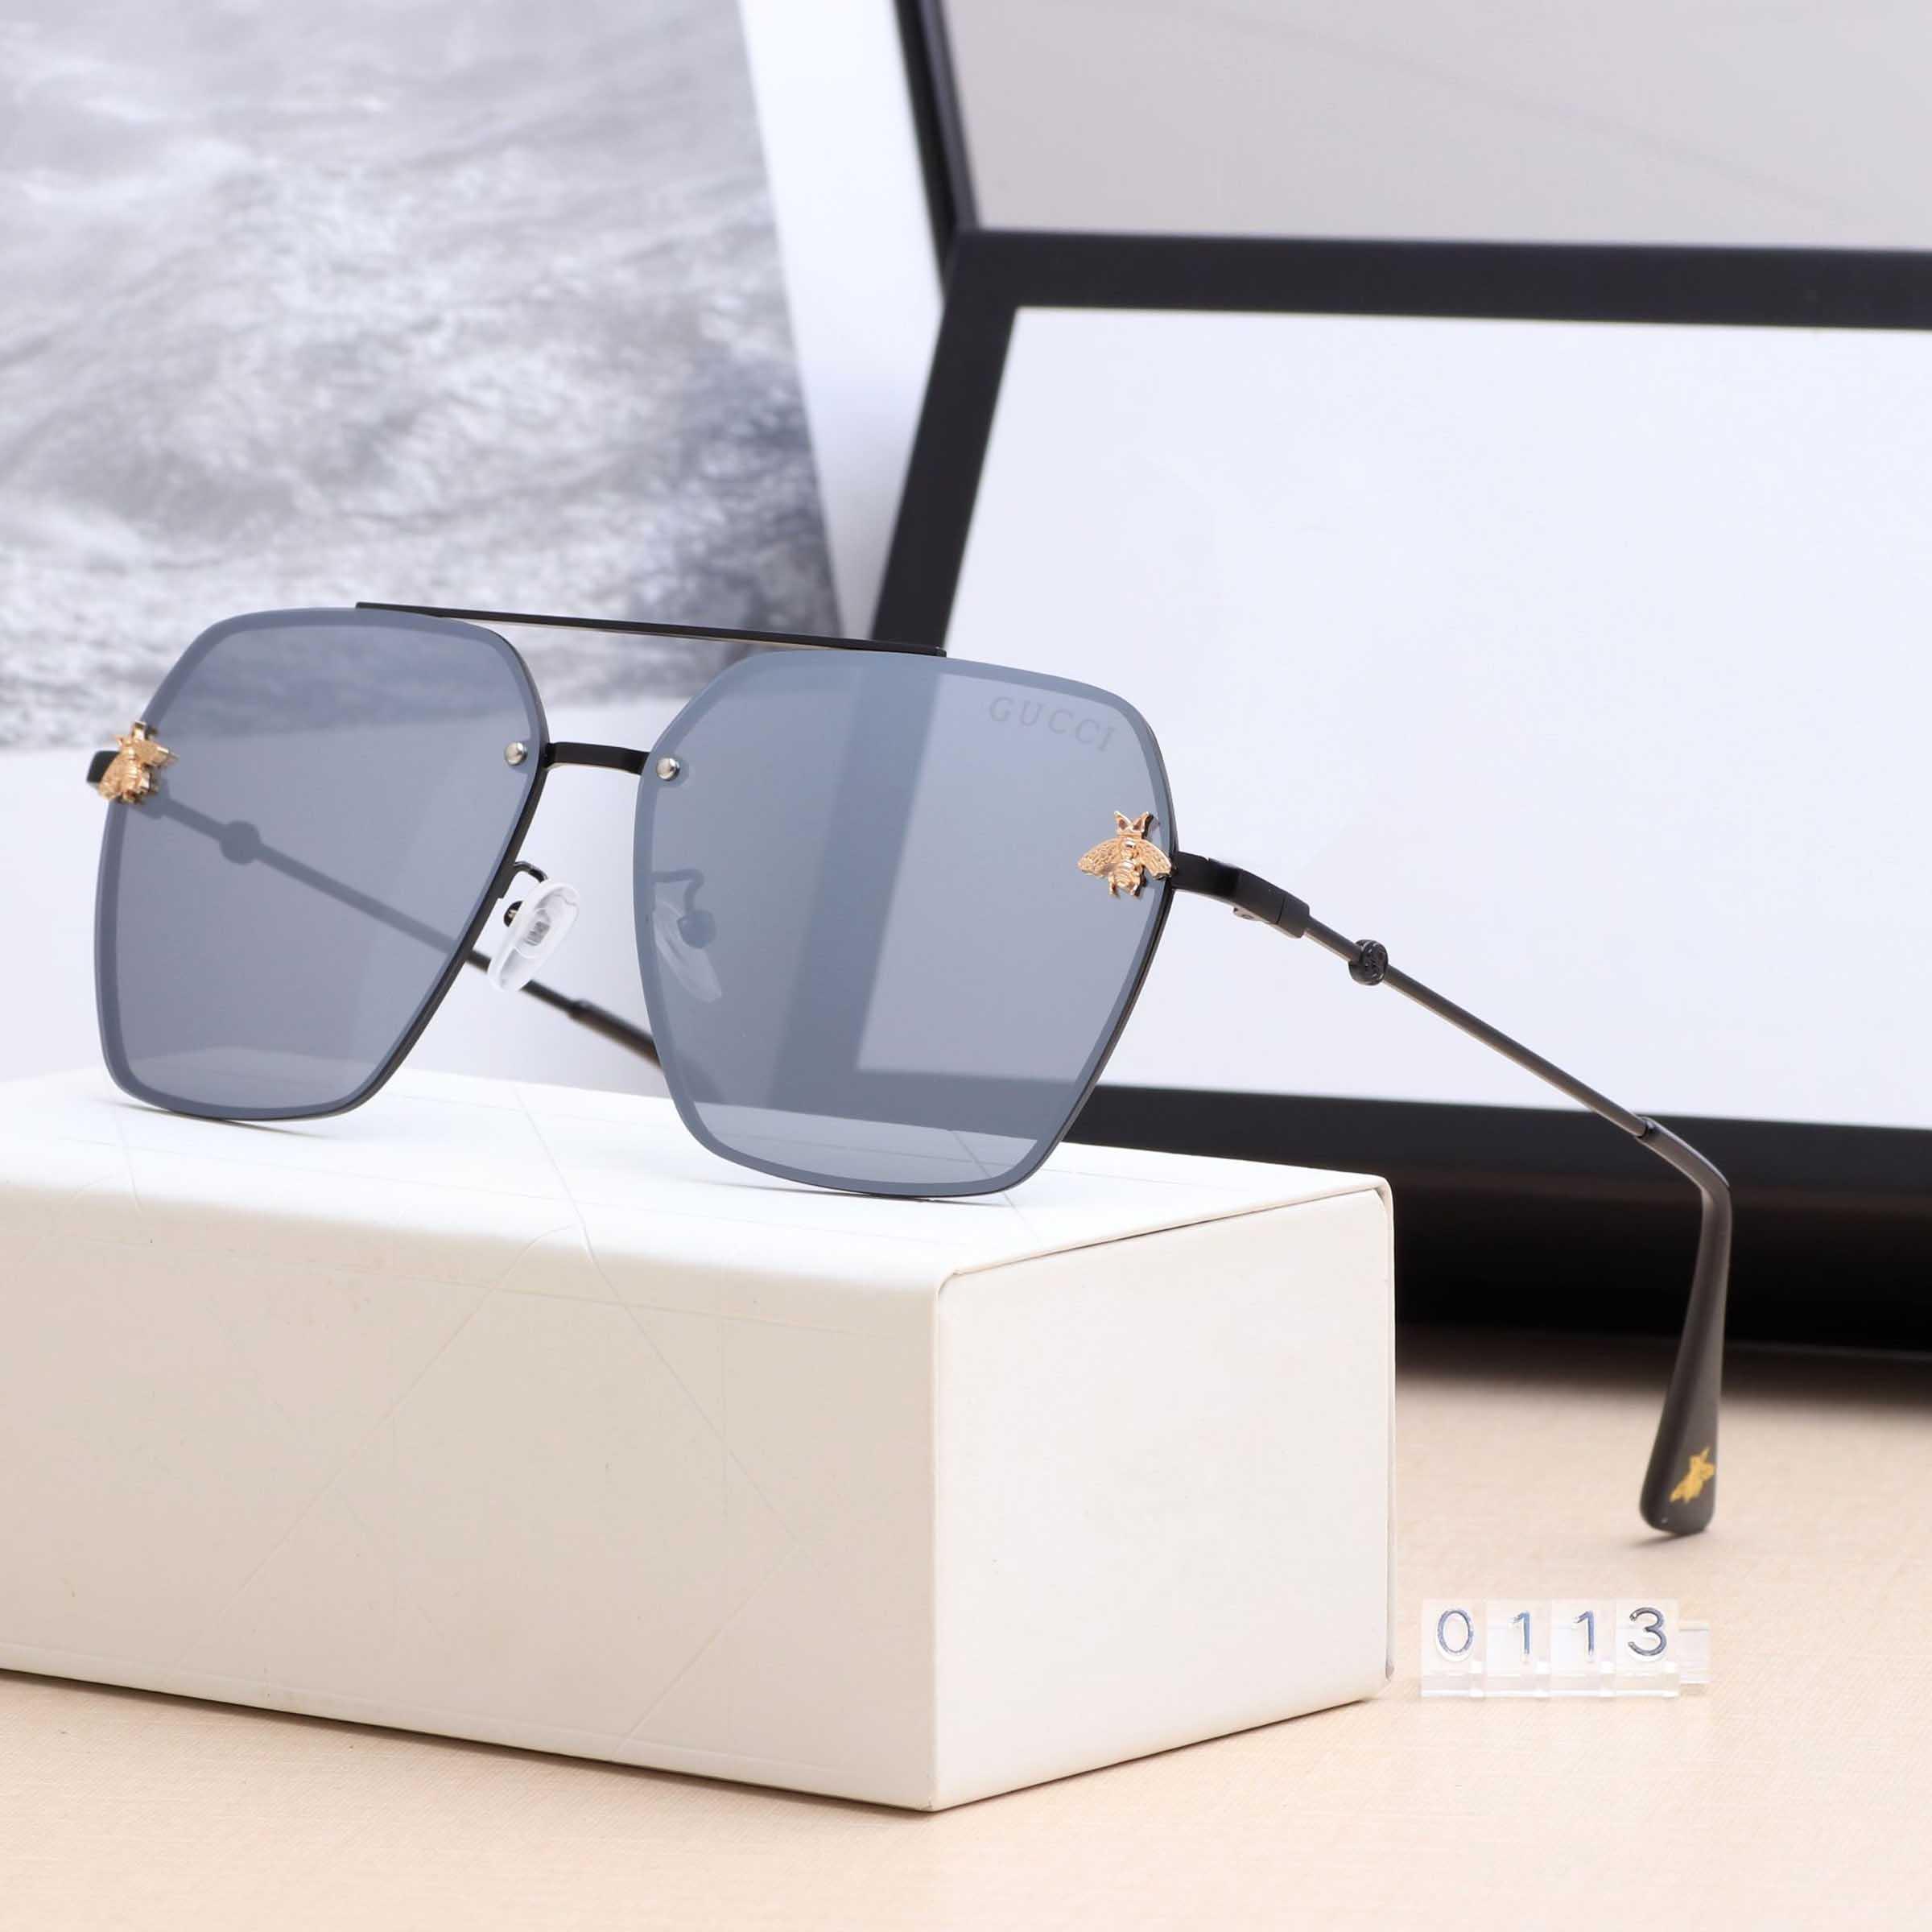 2020 الاستقطاب الاتجاه النحل أزياء النظارات الشمسية فوق البنفسجية 0113 القيادة النظارات الشمسية أعلى الفاخرة العلامة التجارية الرجال نظارات العناية بالعين أزياء ذات جودة عالية